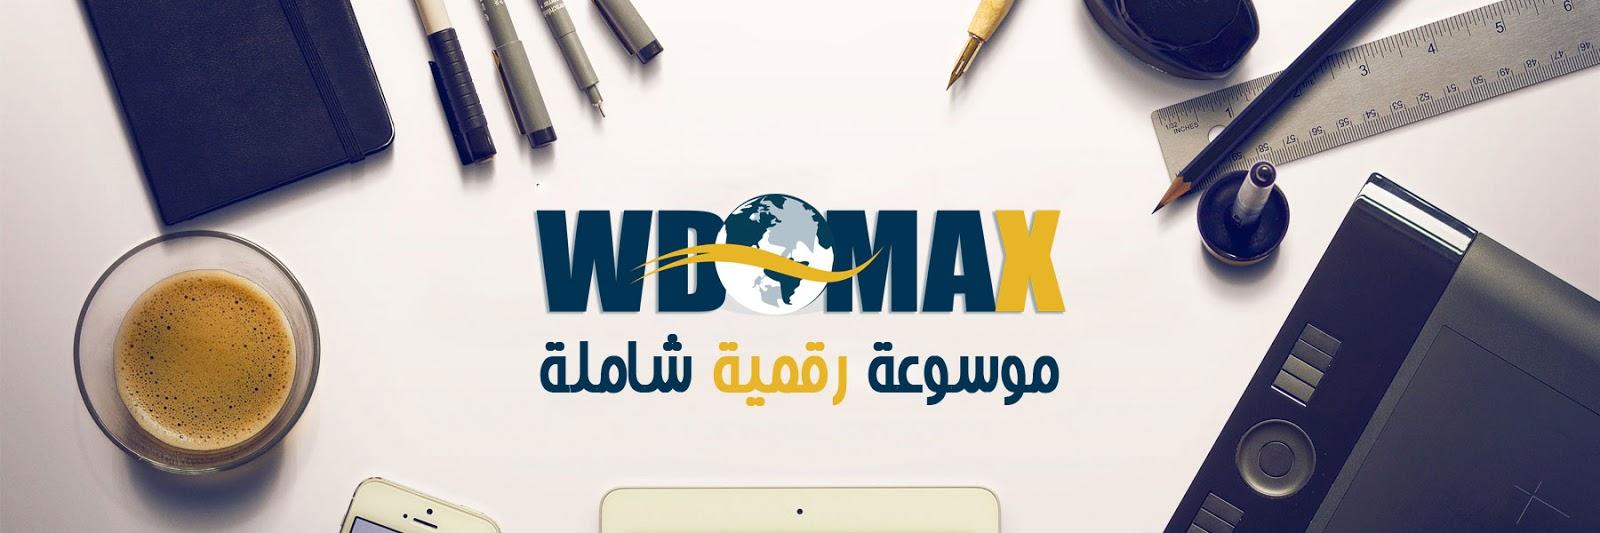 الموسوعة الرقمية الشاملة | WD-MAX